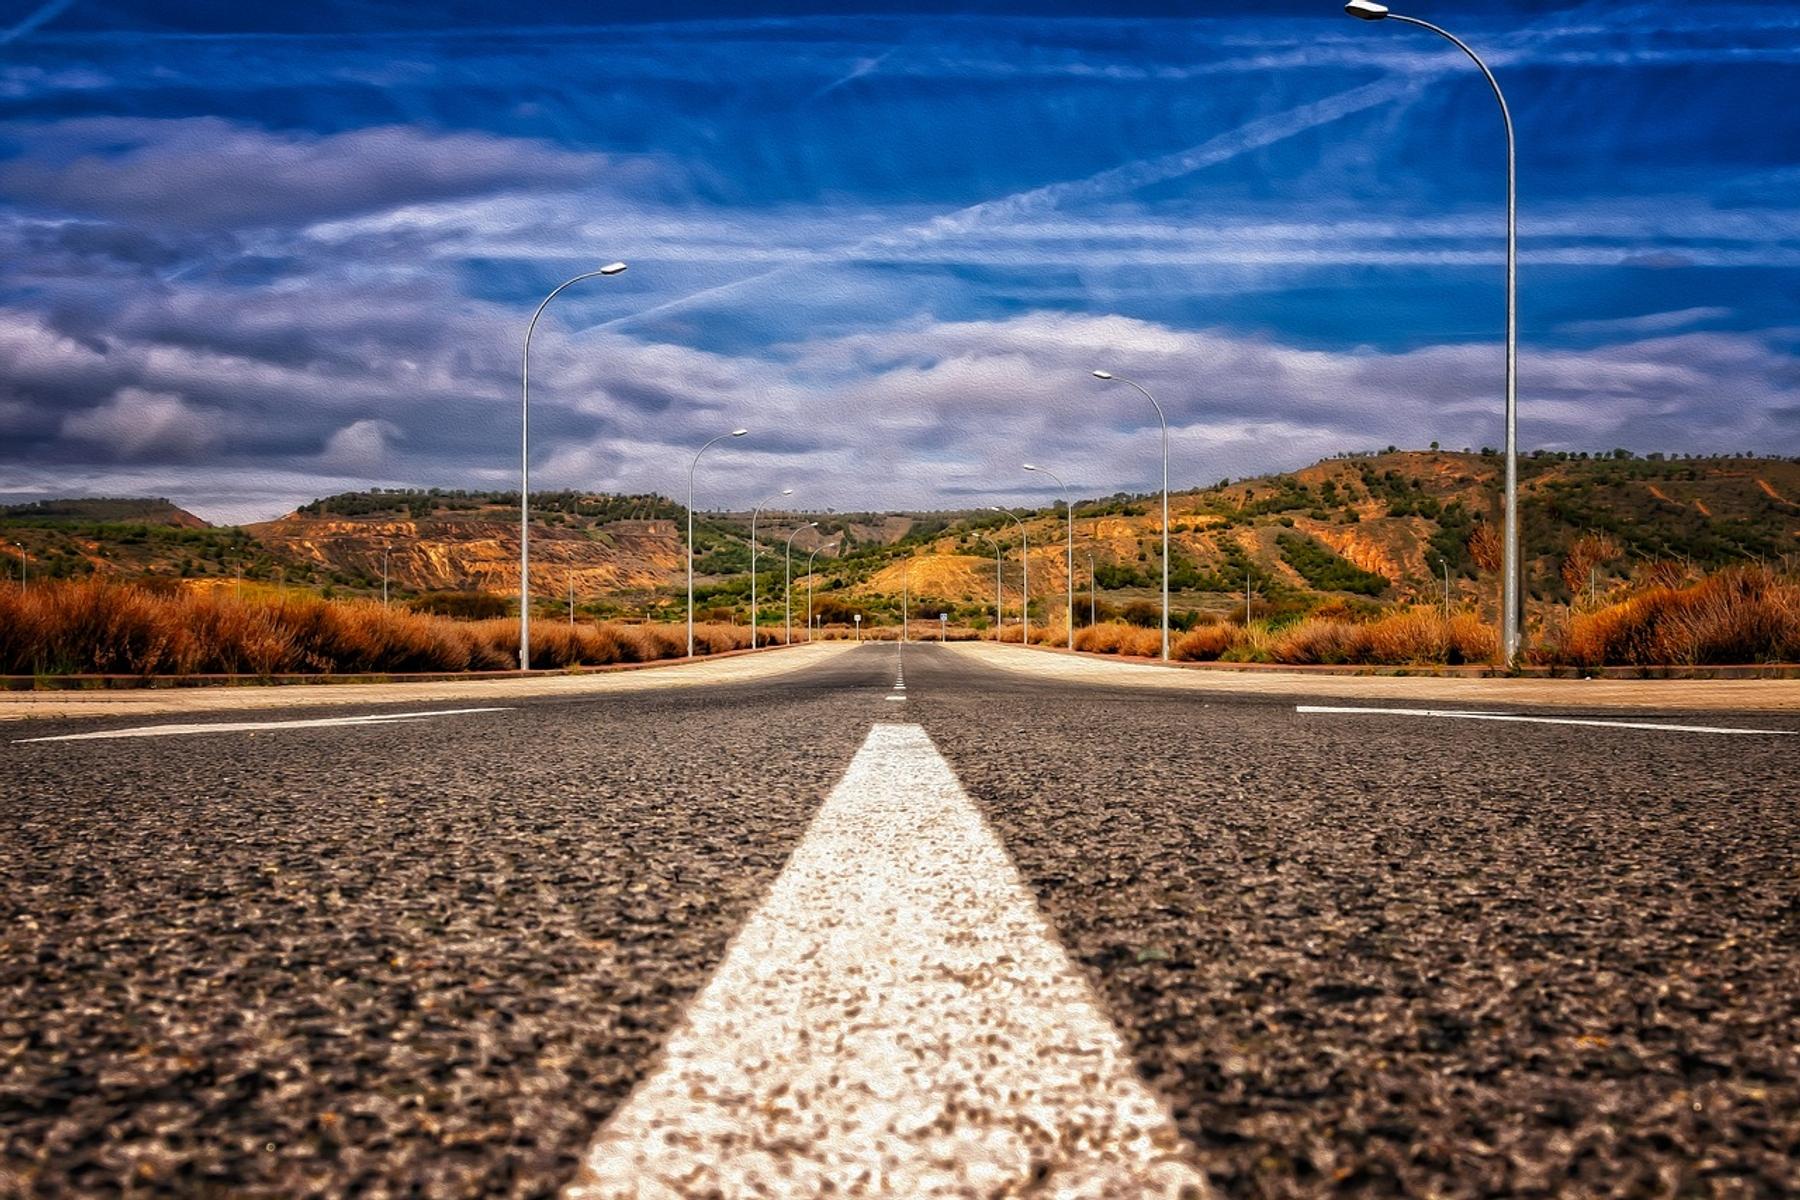 Asfalto y paisaje de secano en España. Ruta de la Vía de la Plata